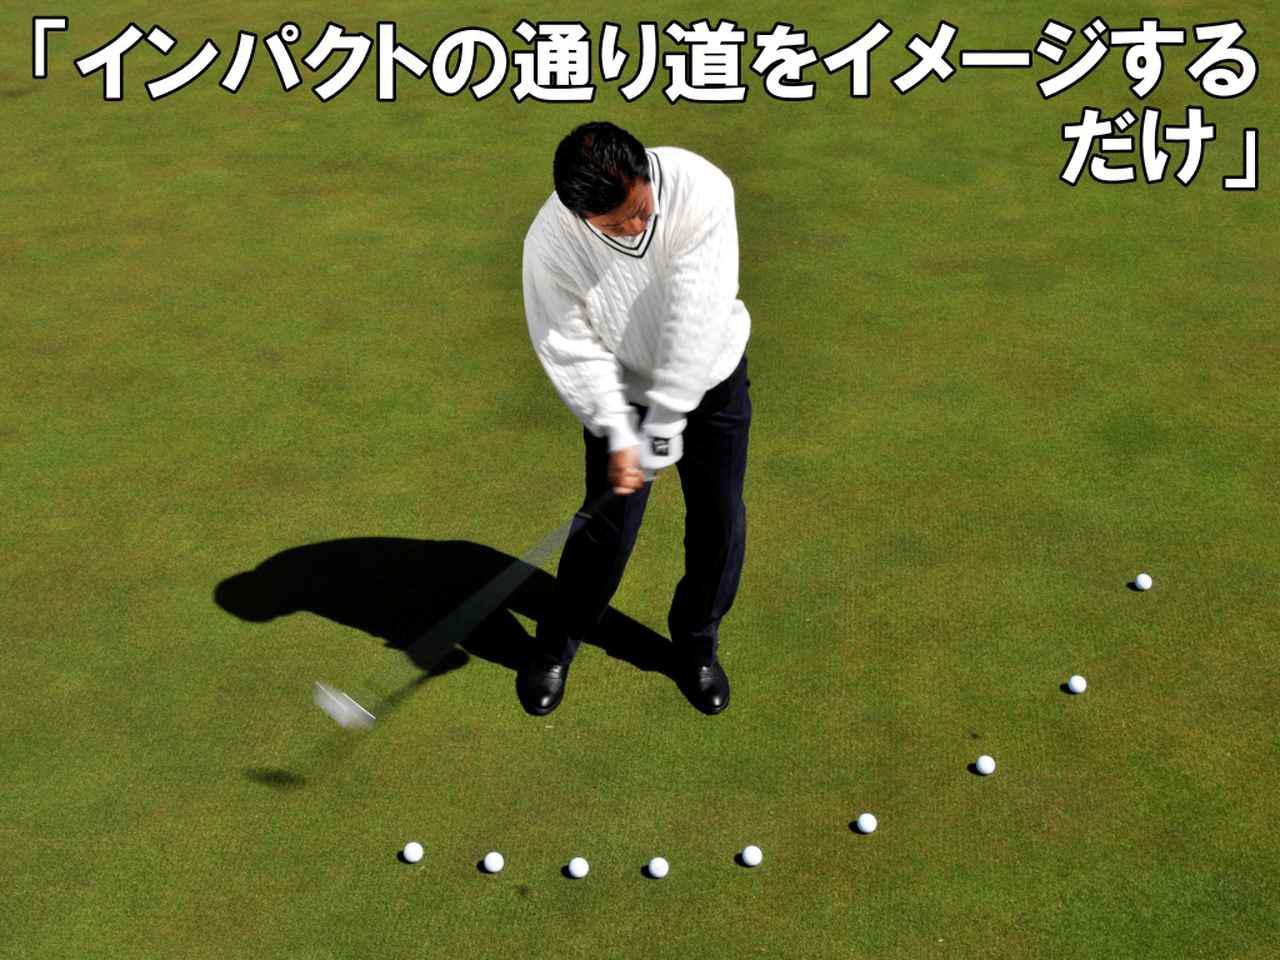 画像: クラブを上げて下ろす目的はインパクトにある。「上げ方、下ろし方に悩むくらいなら、いっそ考えなくていい。大切なのは、イメージした球筋を打っためのインパクトゾーンです」